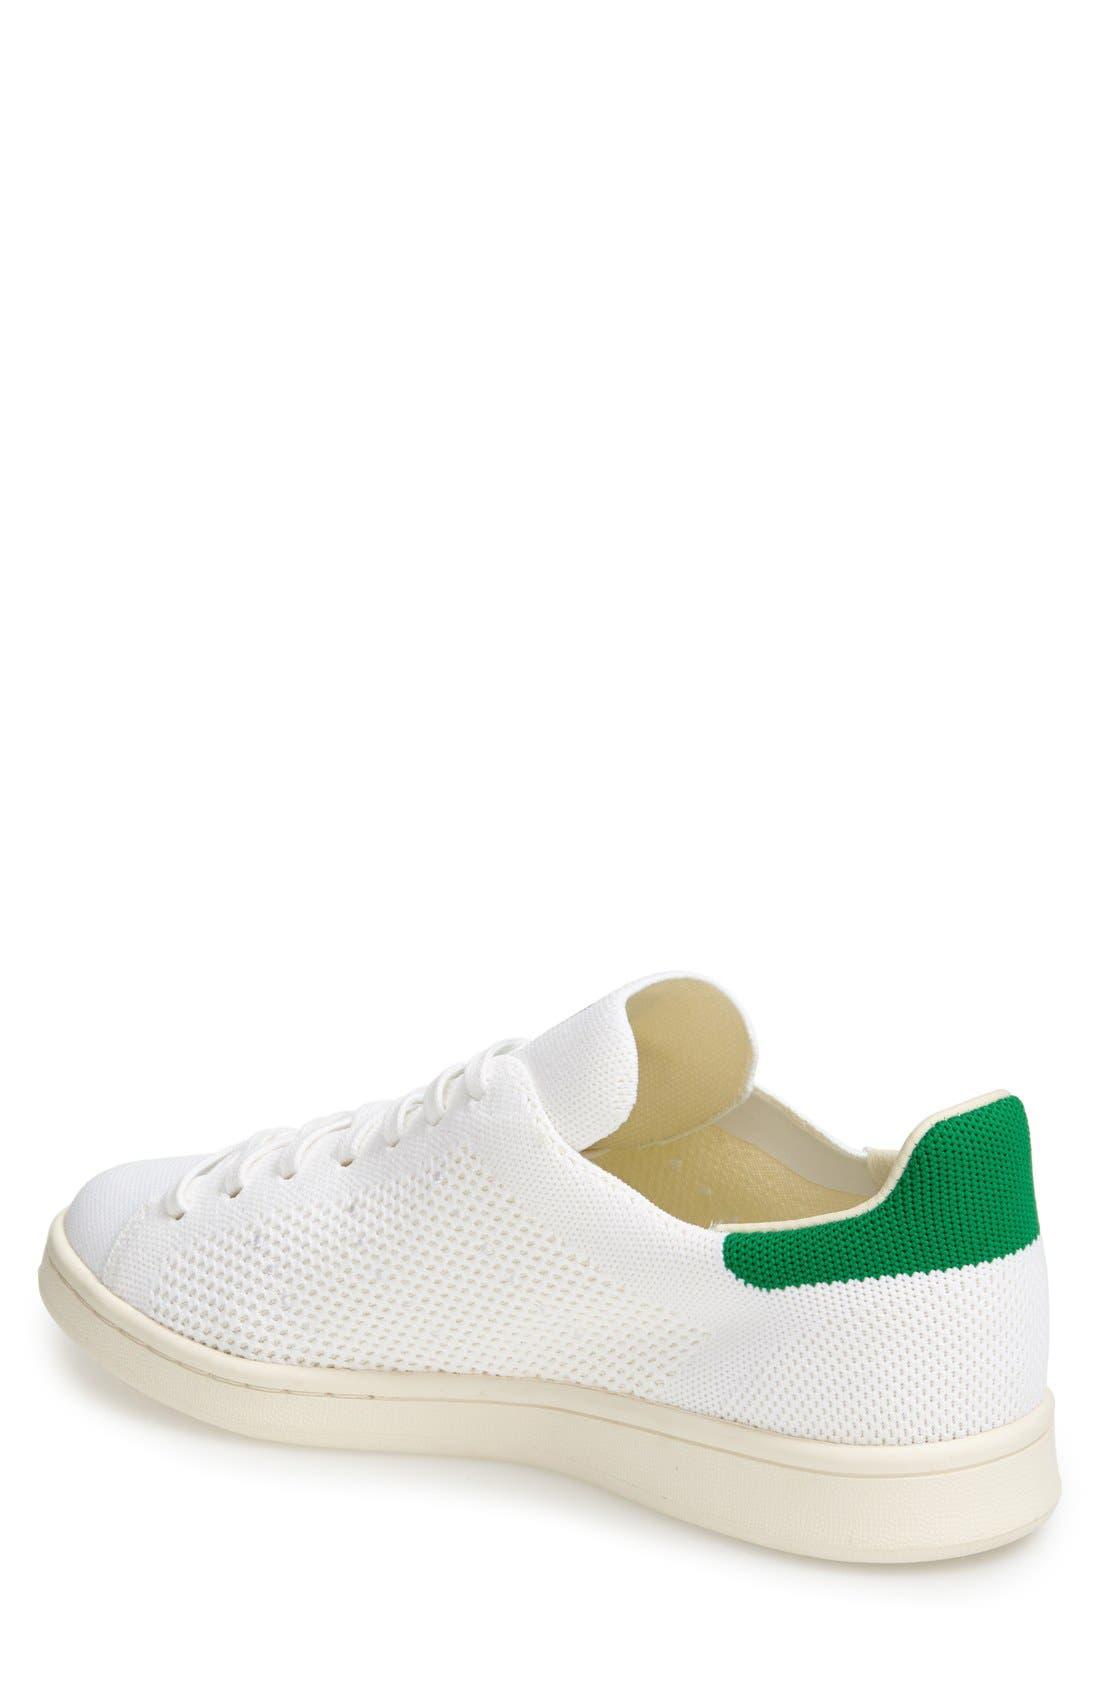 ADIDAS,                             'Stan Smith OG Primeknit' Sneaker,                             Alternate thumbnail 4, color,                             101